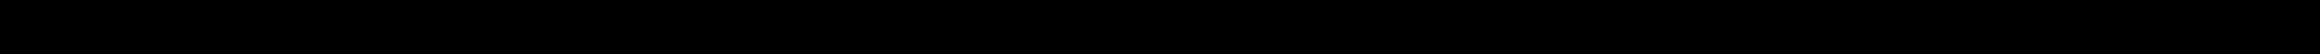 LIQUI MOLY P000231 Neautomatinės transmisijos alyva